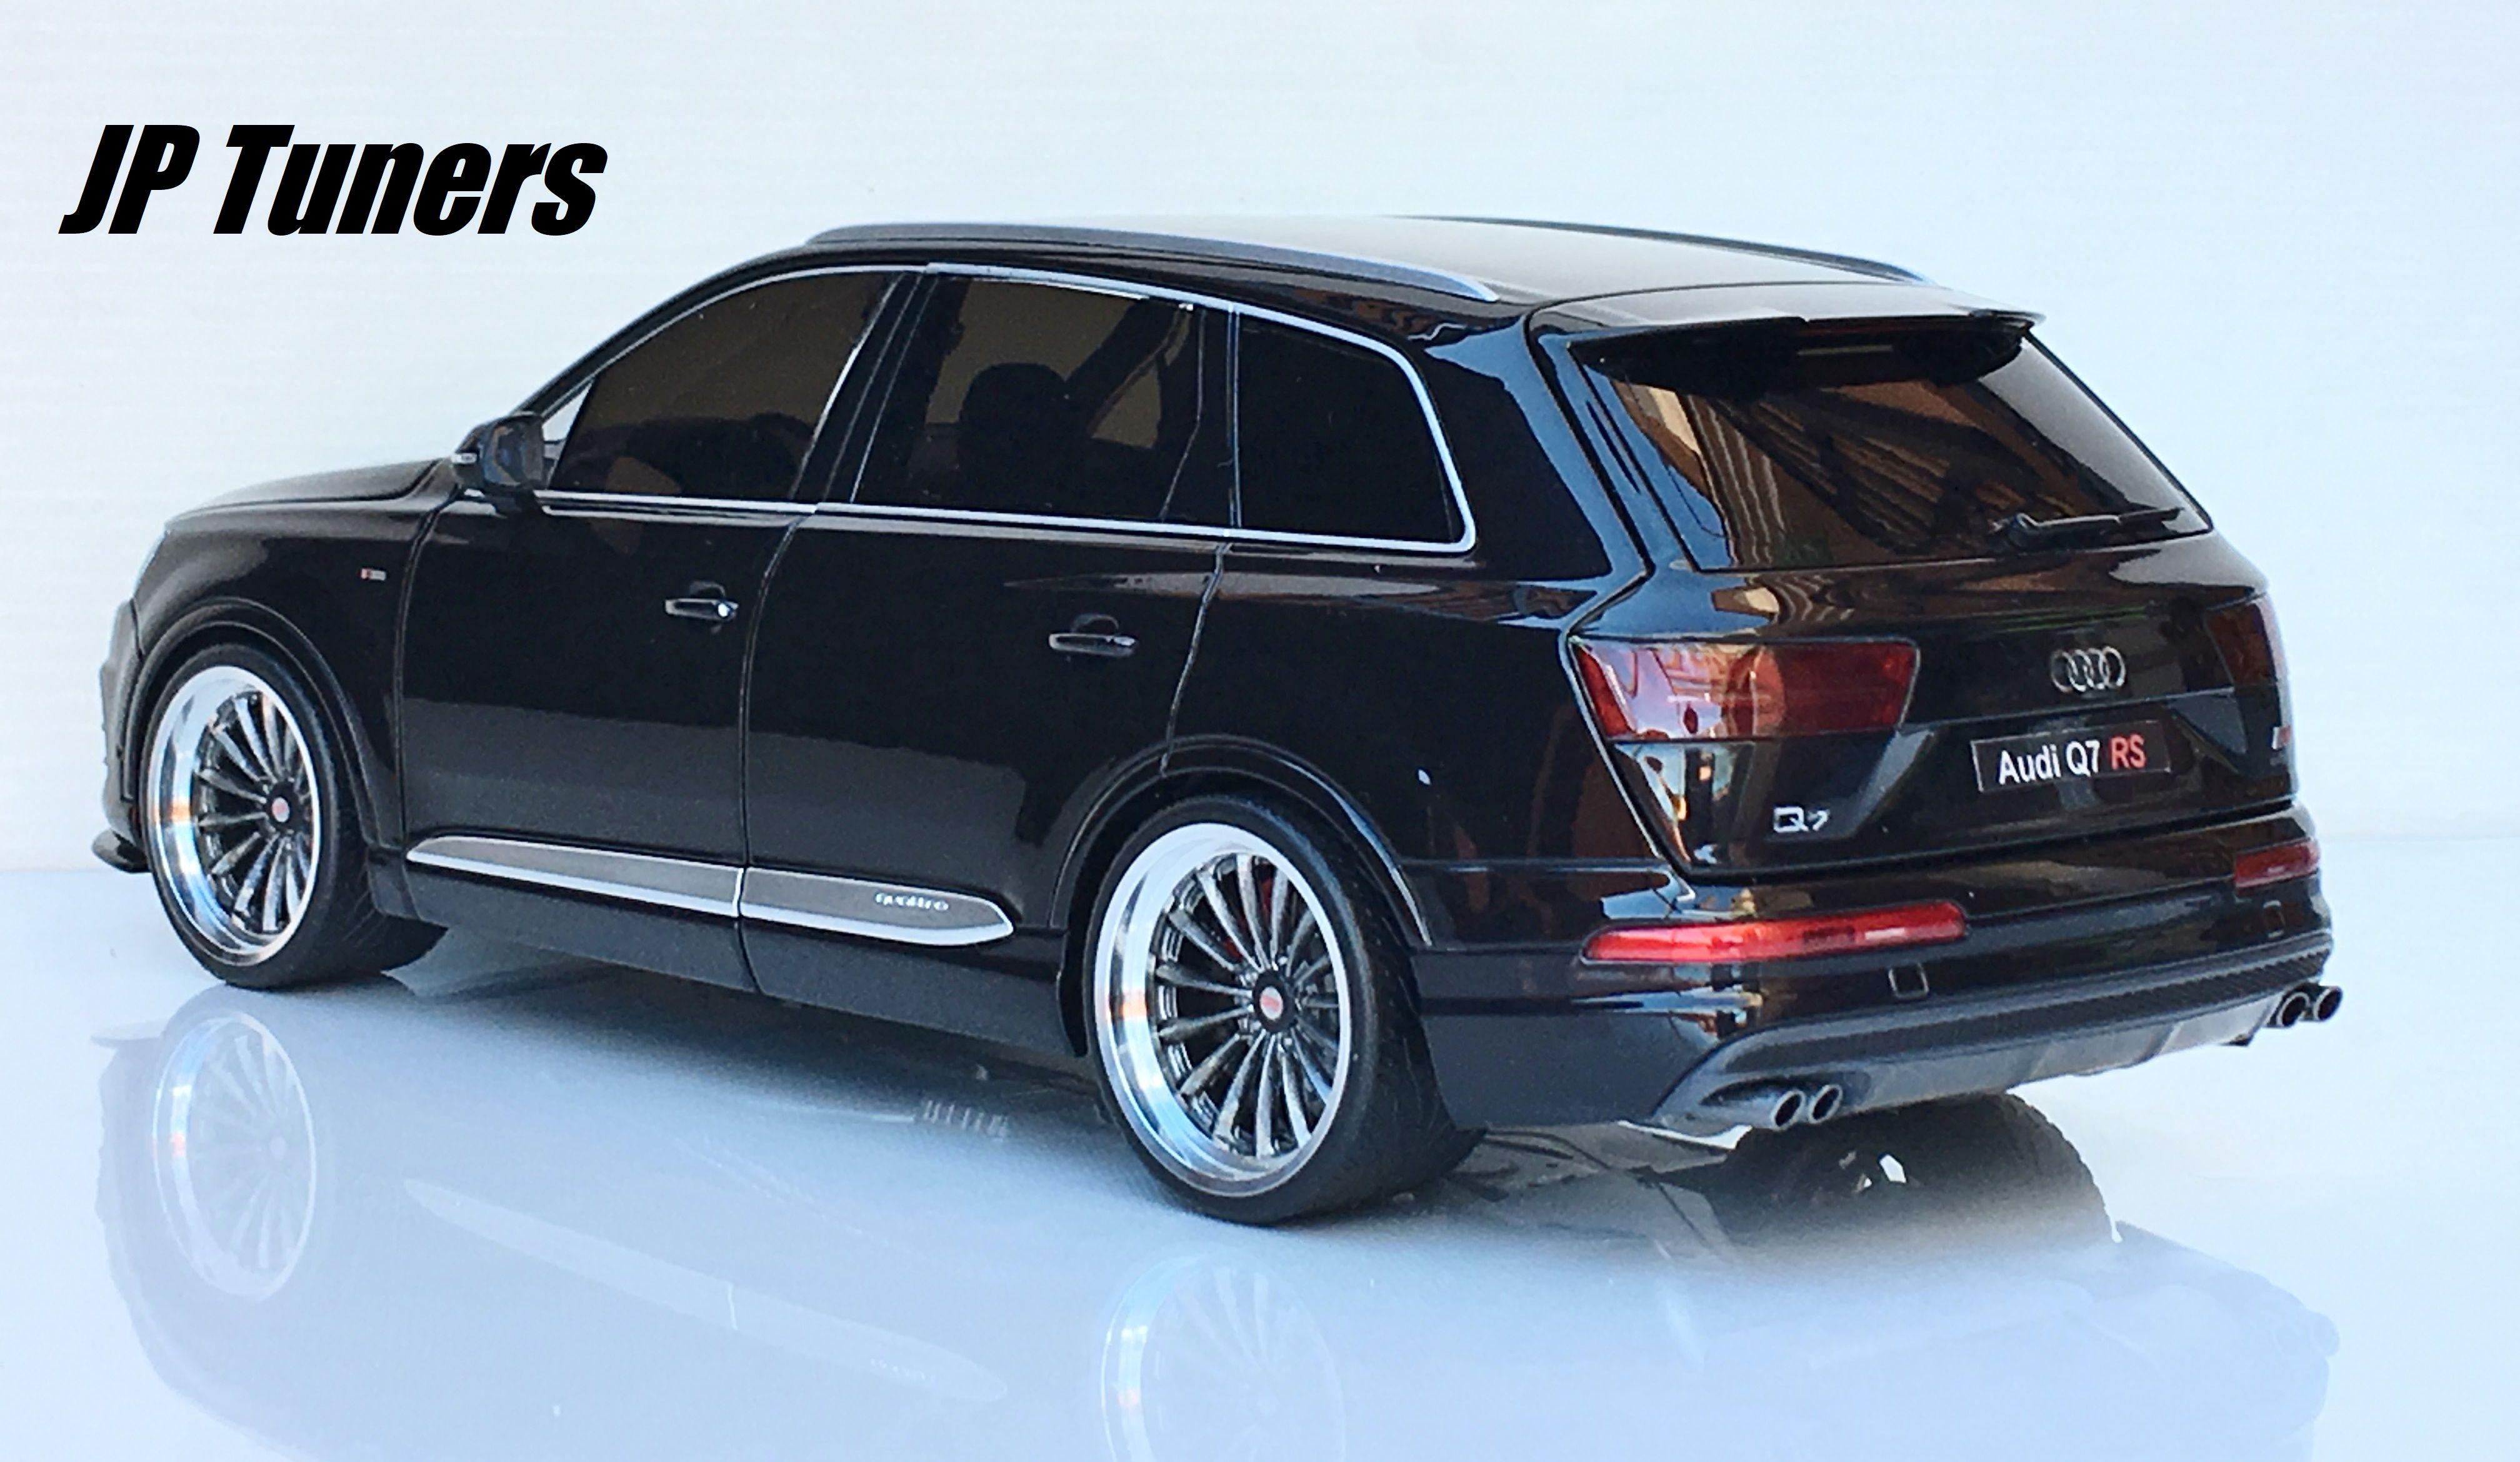 Kelebihan Audi Q7 Rs Spesifikasi